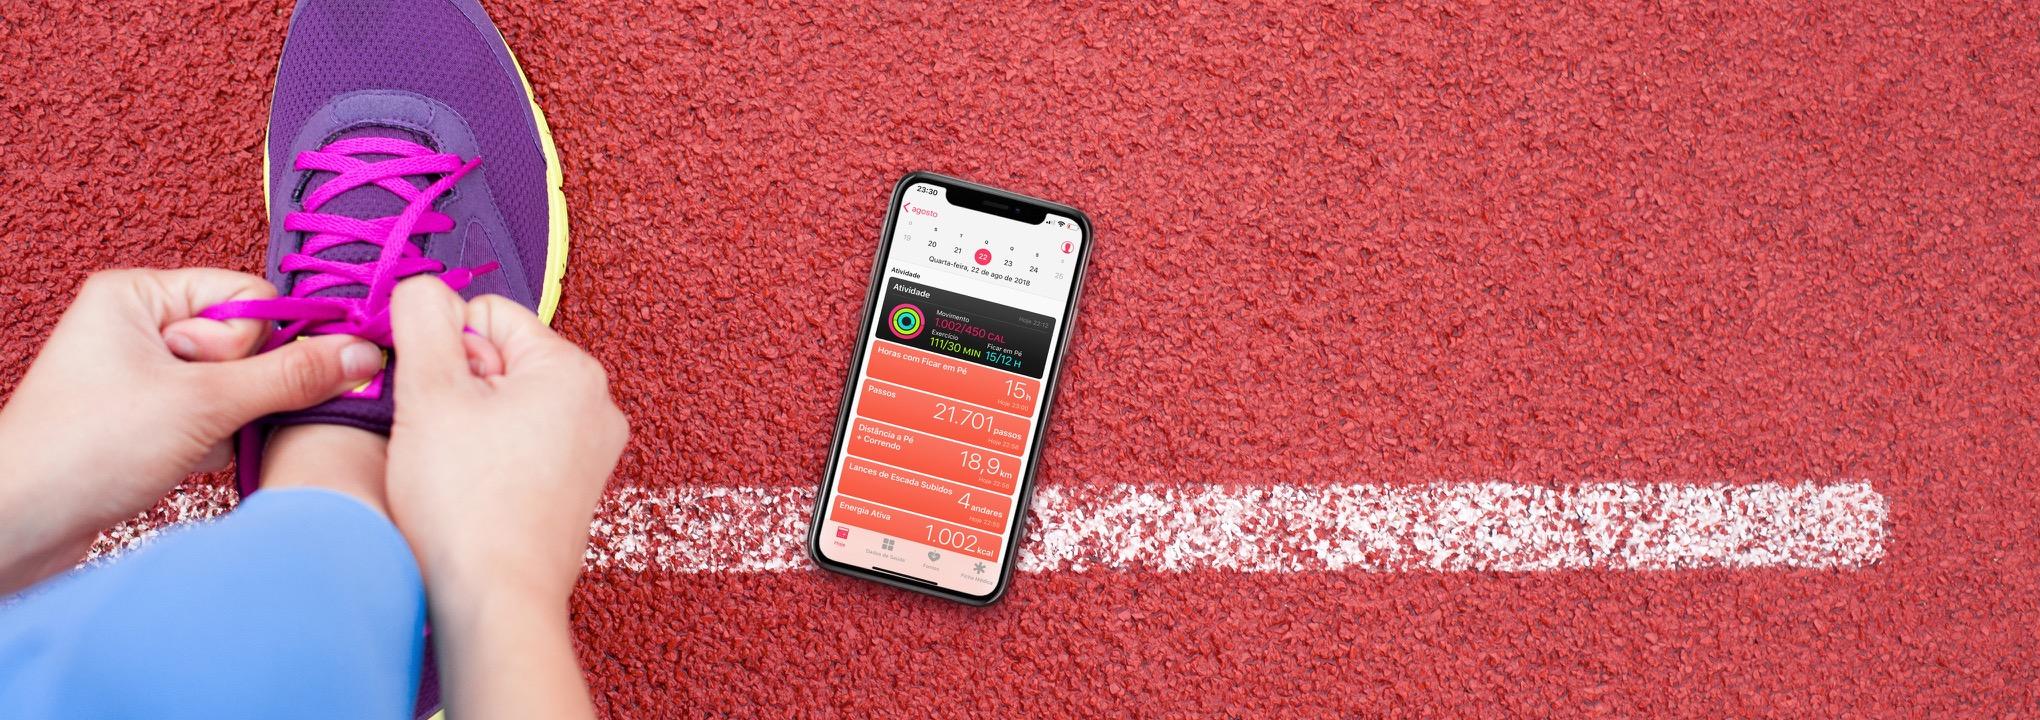 Informações do app Saúde